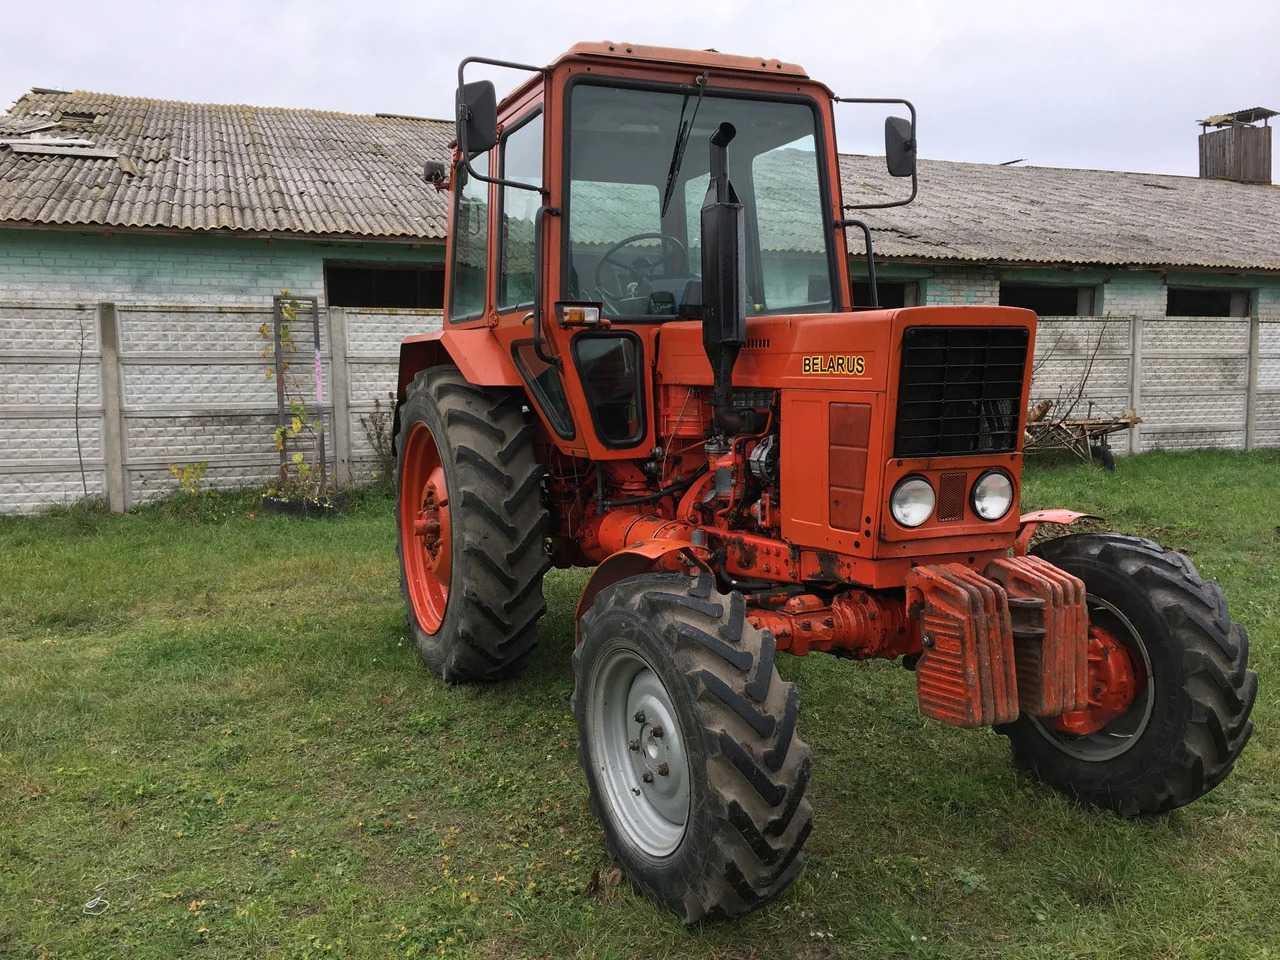 mnogofunkczionalnyj-mini-traktor-mtz-obzor-populyarnyh-modelej-9